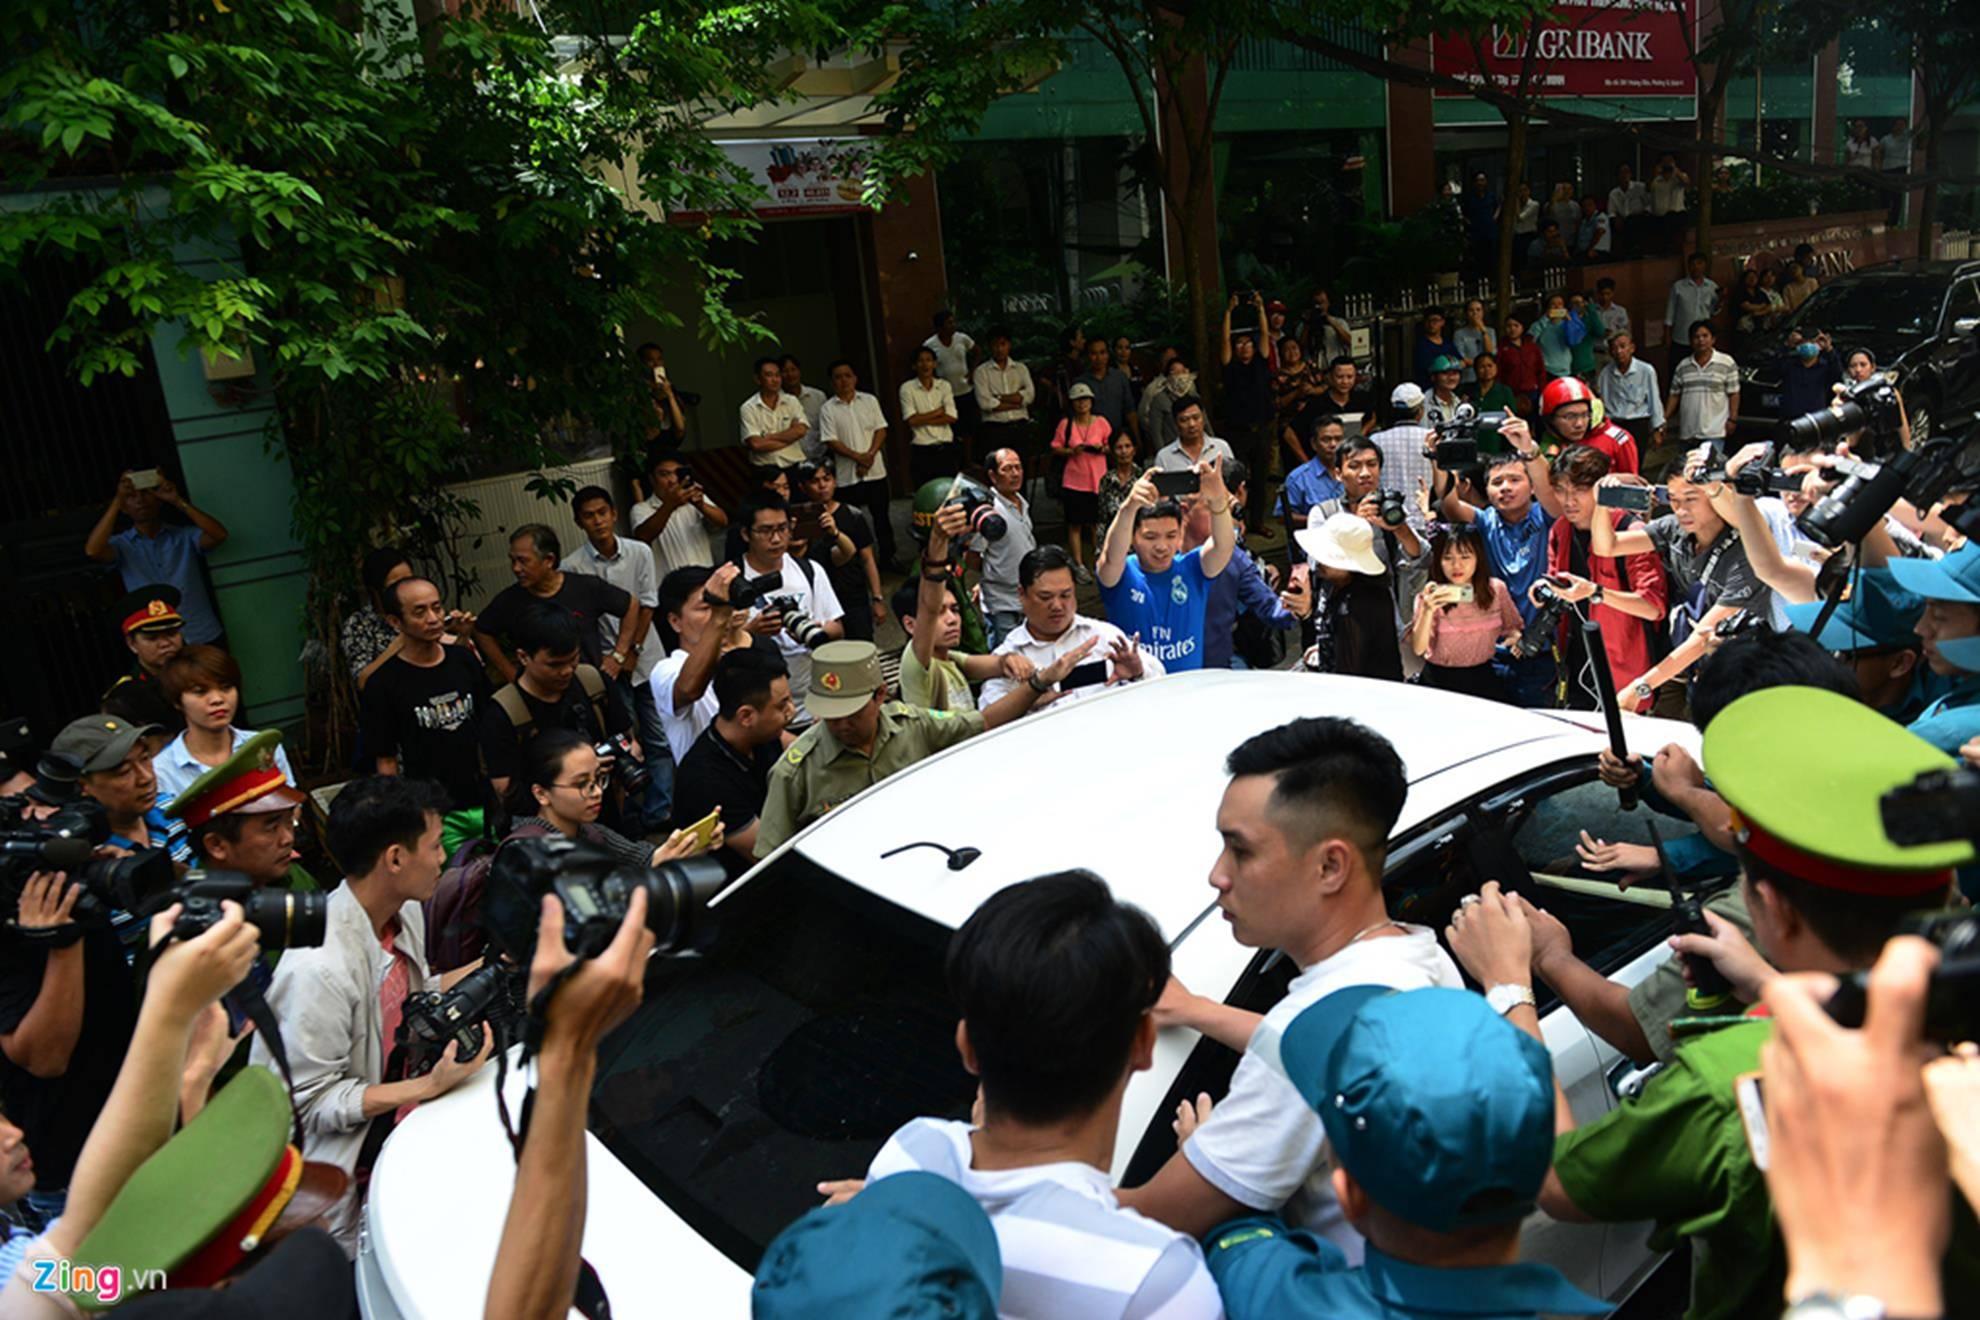 Hàng chục cảnh sát hộ tống Nguyễn Hữu Linh rời tòa-8